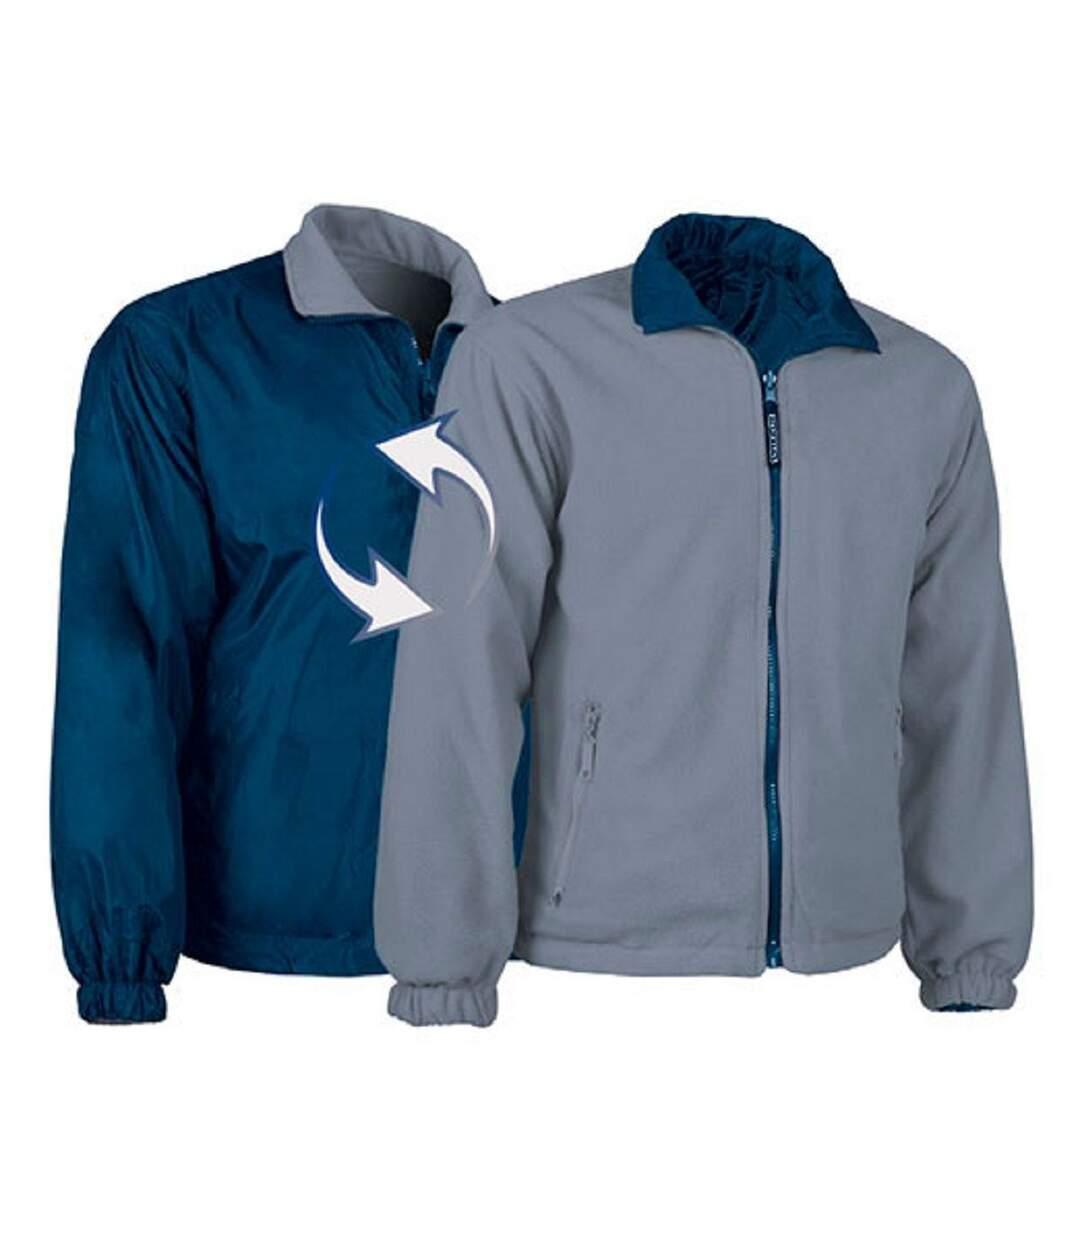 Veste polaire réversible - Homme - REF GLASGOW - bleu-marine - gris